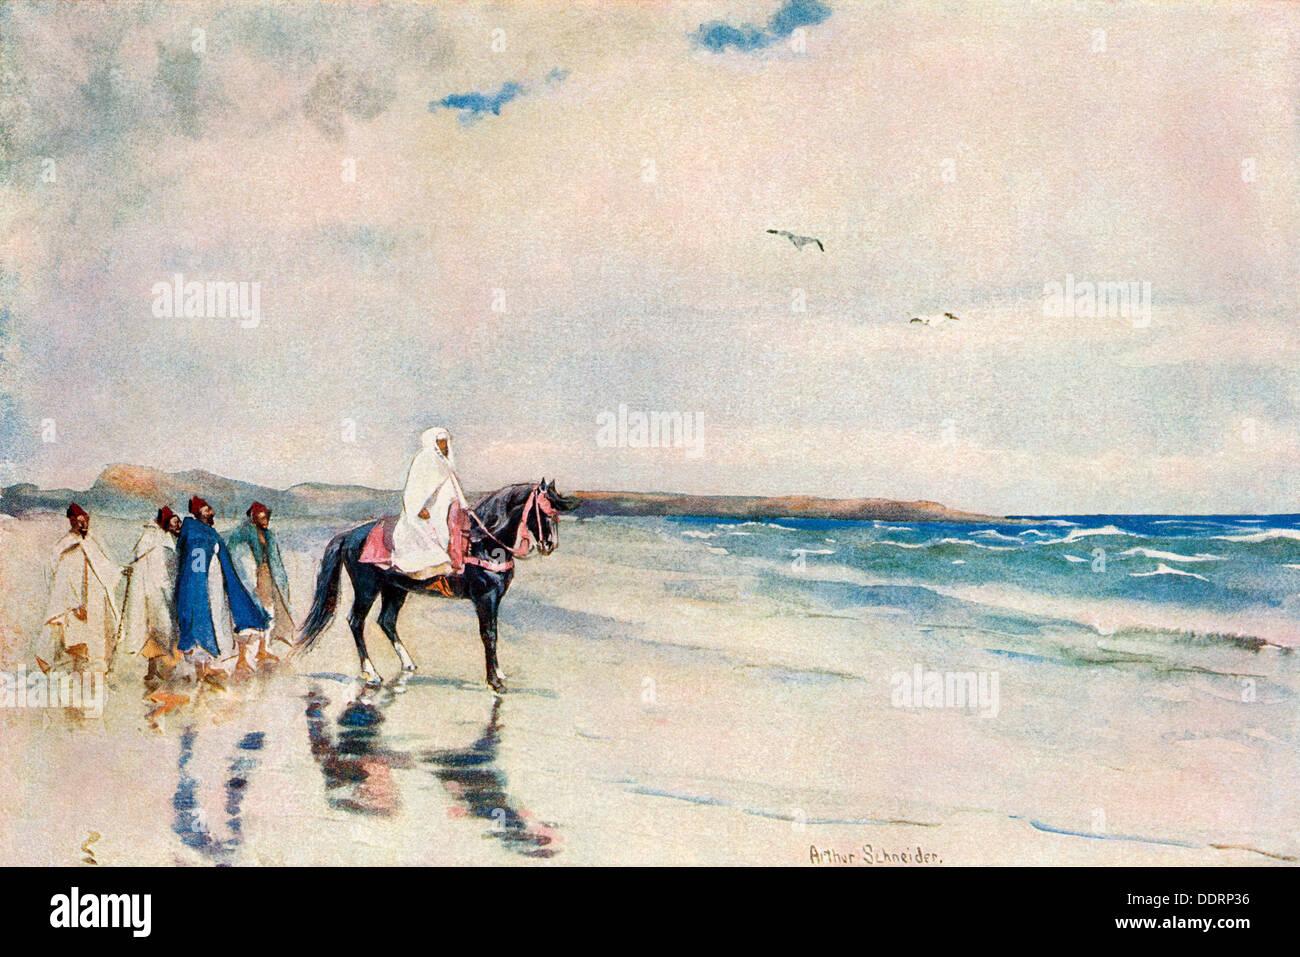 Sultan Mulai Abd al-Aziz am westlichen Ufer des Marokko, ca. 1900. Farbe halftone ein Aquarell von Arthur Schneider Stockbild